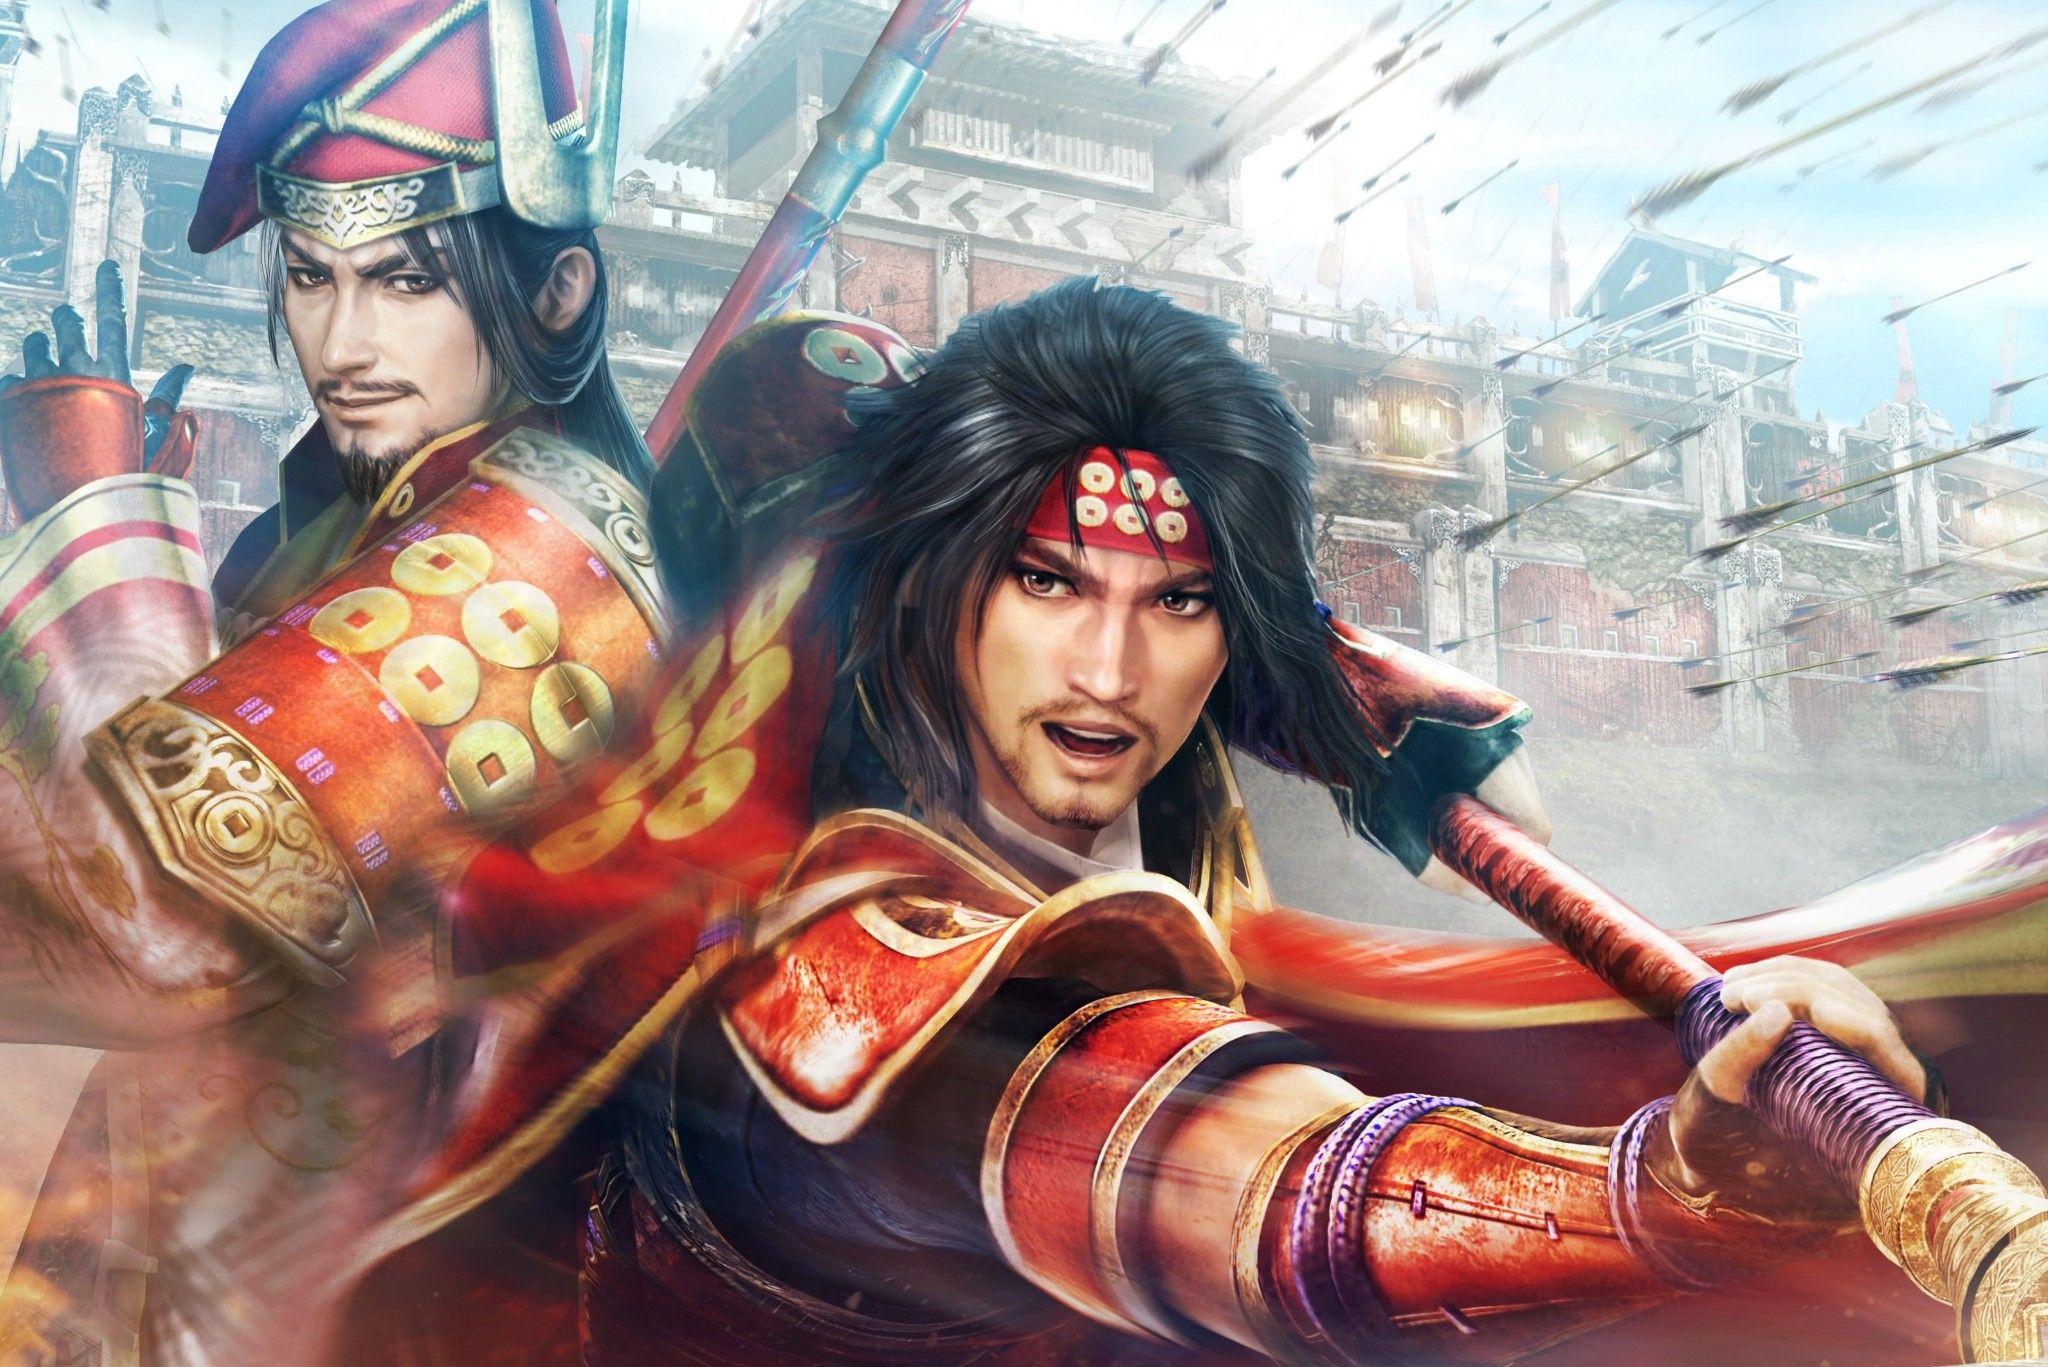 A 48 heures de la sortie officielle du jeu chez nous, Koei Tecmo Europe vient de mettre en ligne un trailer de lancement pour Samurai Warriors: Spirit of Sanada. Dans cet énième opus de la franchise, vous suivrez exclusivement l'histoire du clan Sanada mais aussi celle de Yukimura Sanada, de sa naissance au moment où il est devenu le guerrier de légende que l'on surnommé le Démon rouge de la guerre. Warriors: Spirit of Sanada sortira en France ce vendredi et en exclusivité sur Playstation 4…